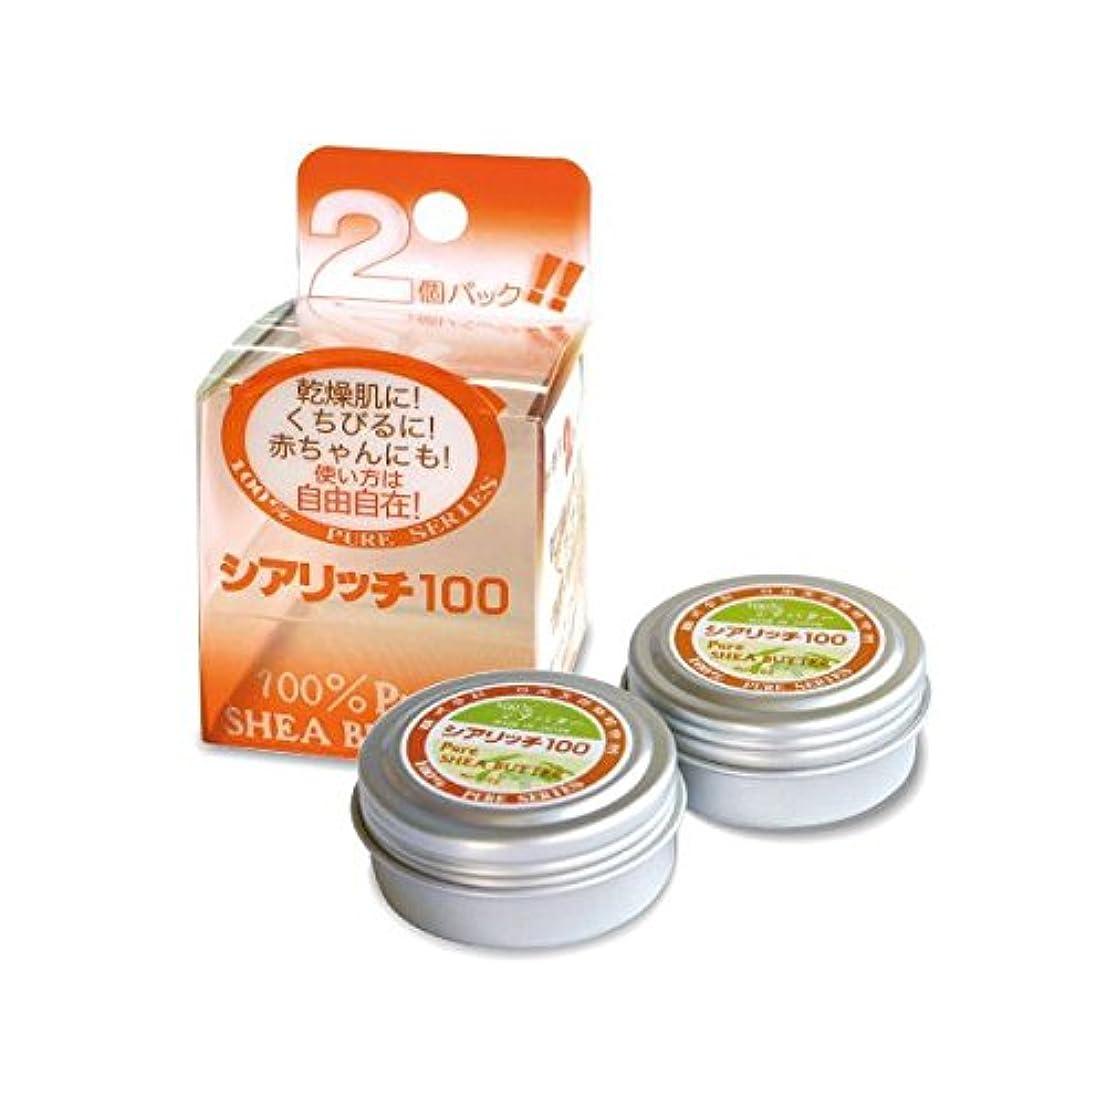 ベアリングサークルアレルギー性見える日本天然物研究所 シアリッチ100 (8g×2個入り)【単品】(無添加100%シアバター)無香料